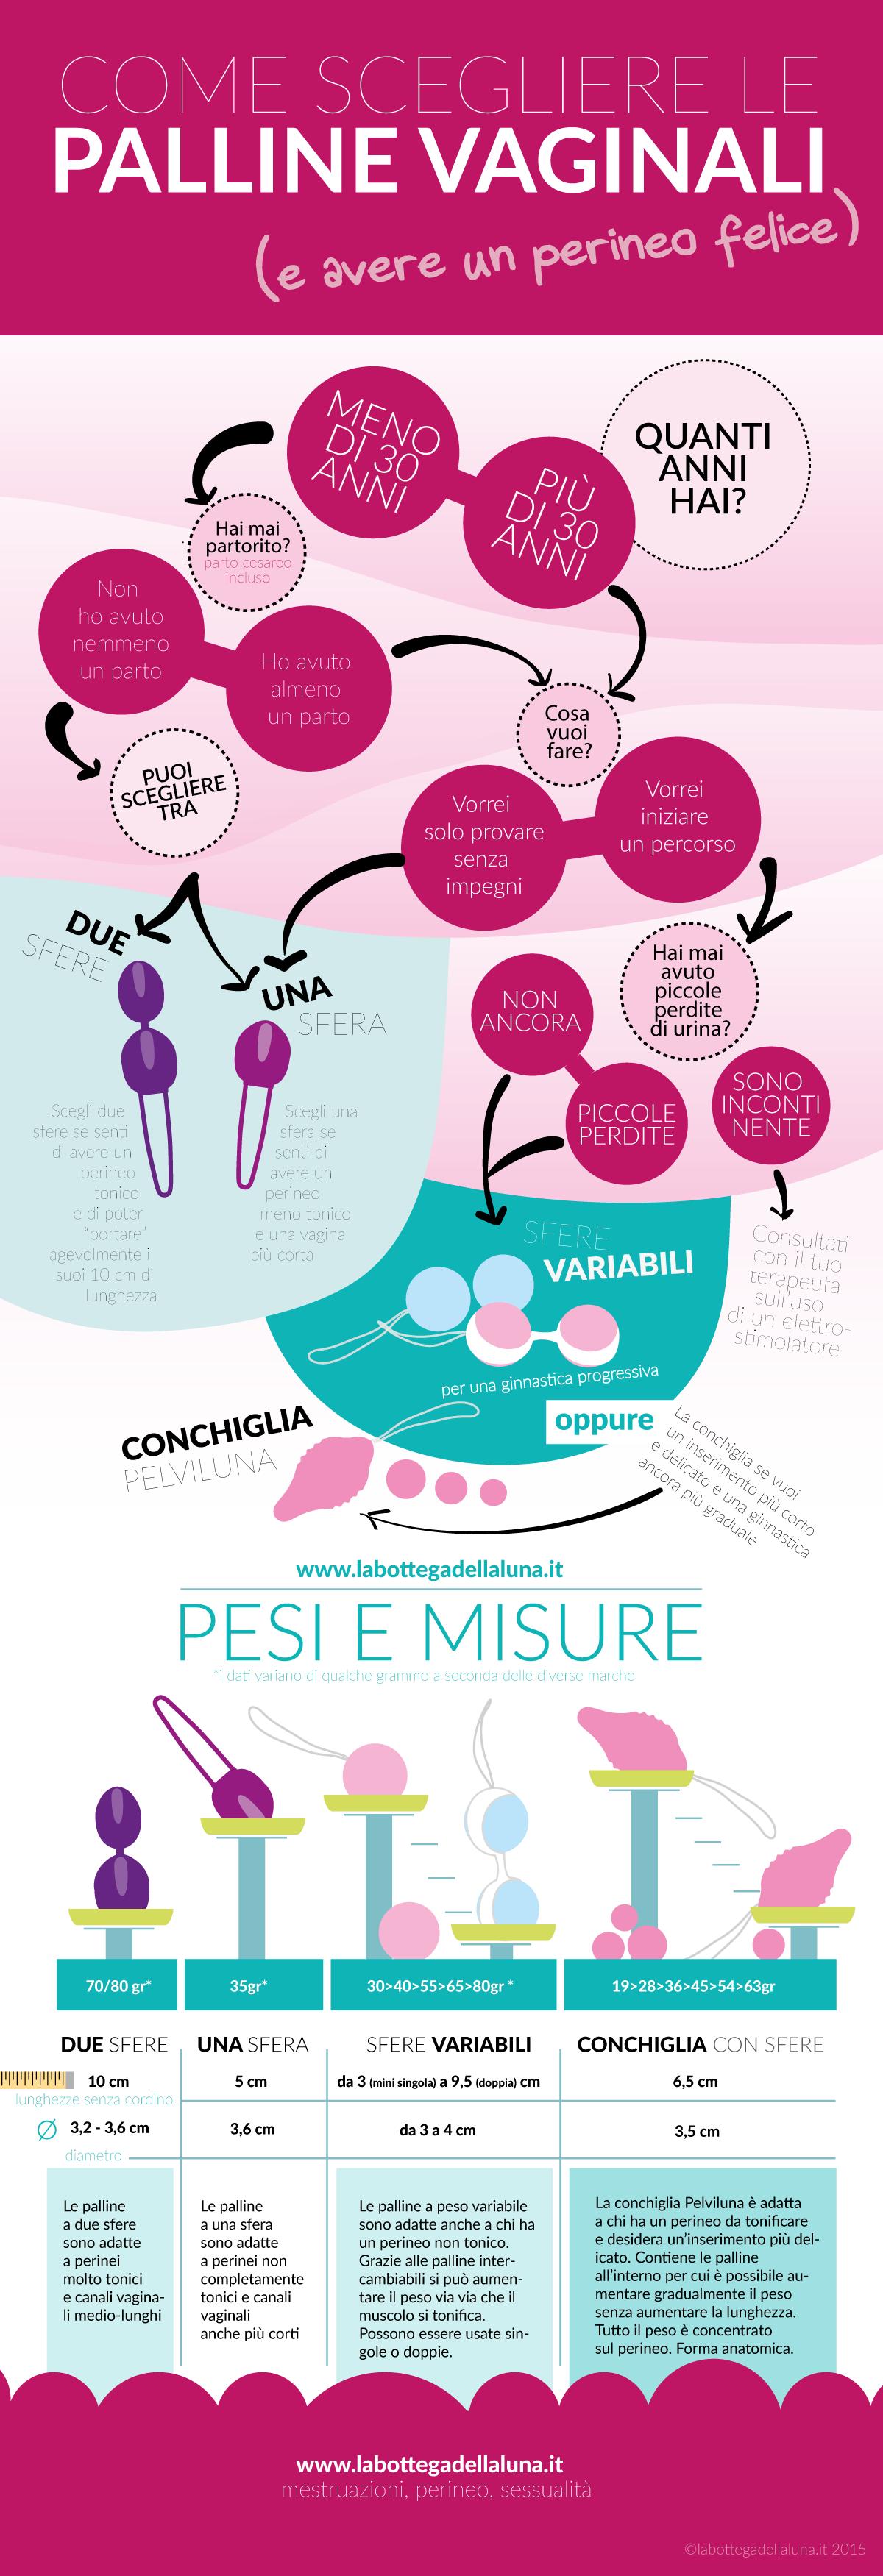 Palline Vaginali: come sceglierle per il perineo